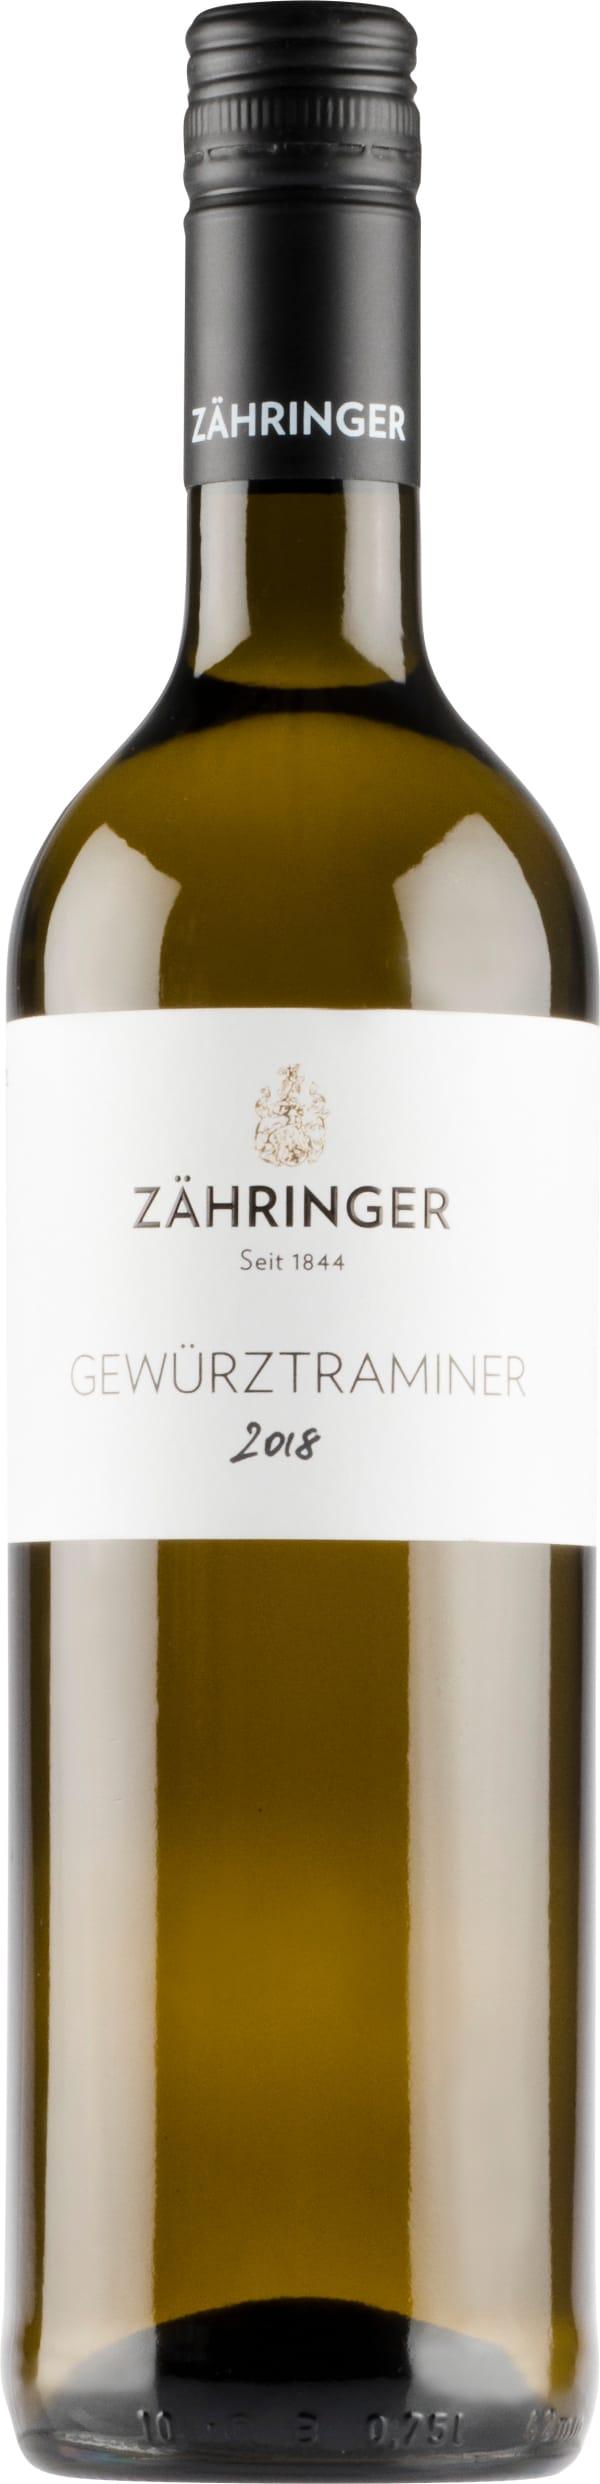 Zähringer Gewürztraminer 2018